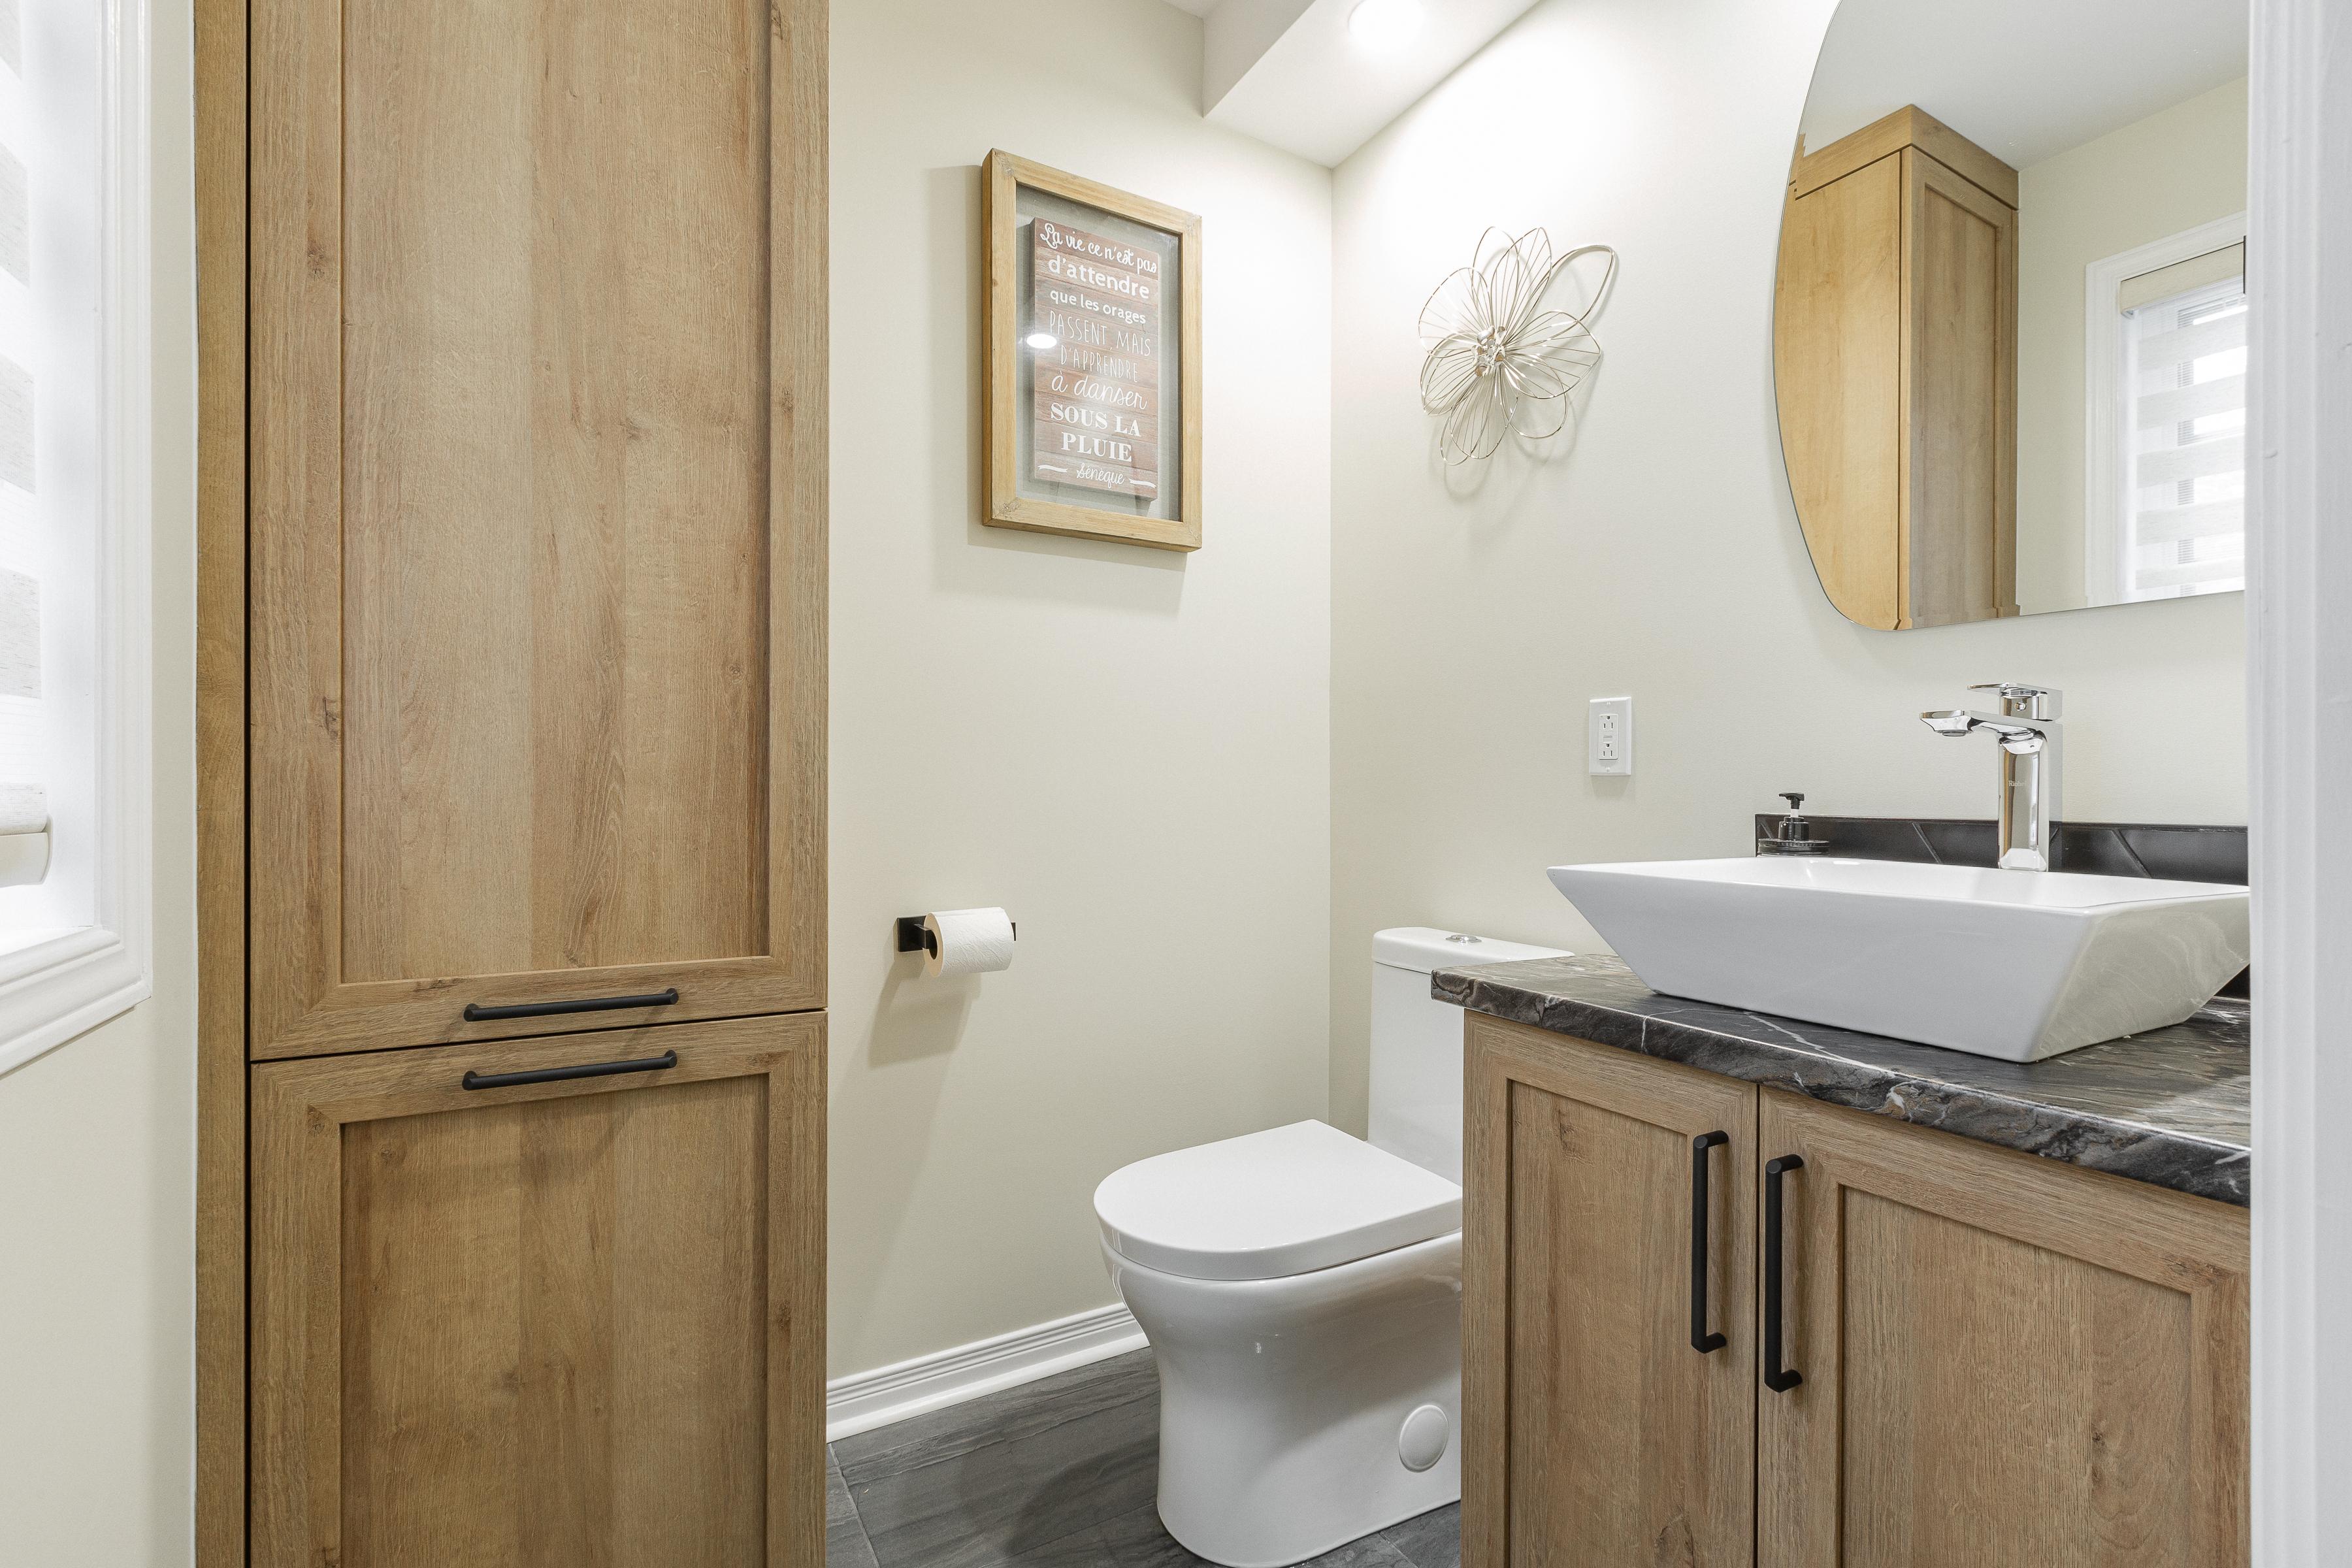 salle d'eau intemporelle avec vanité et lingerie en bois